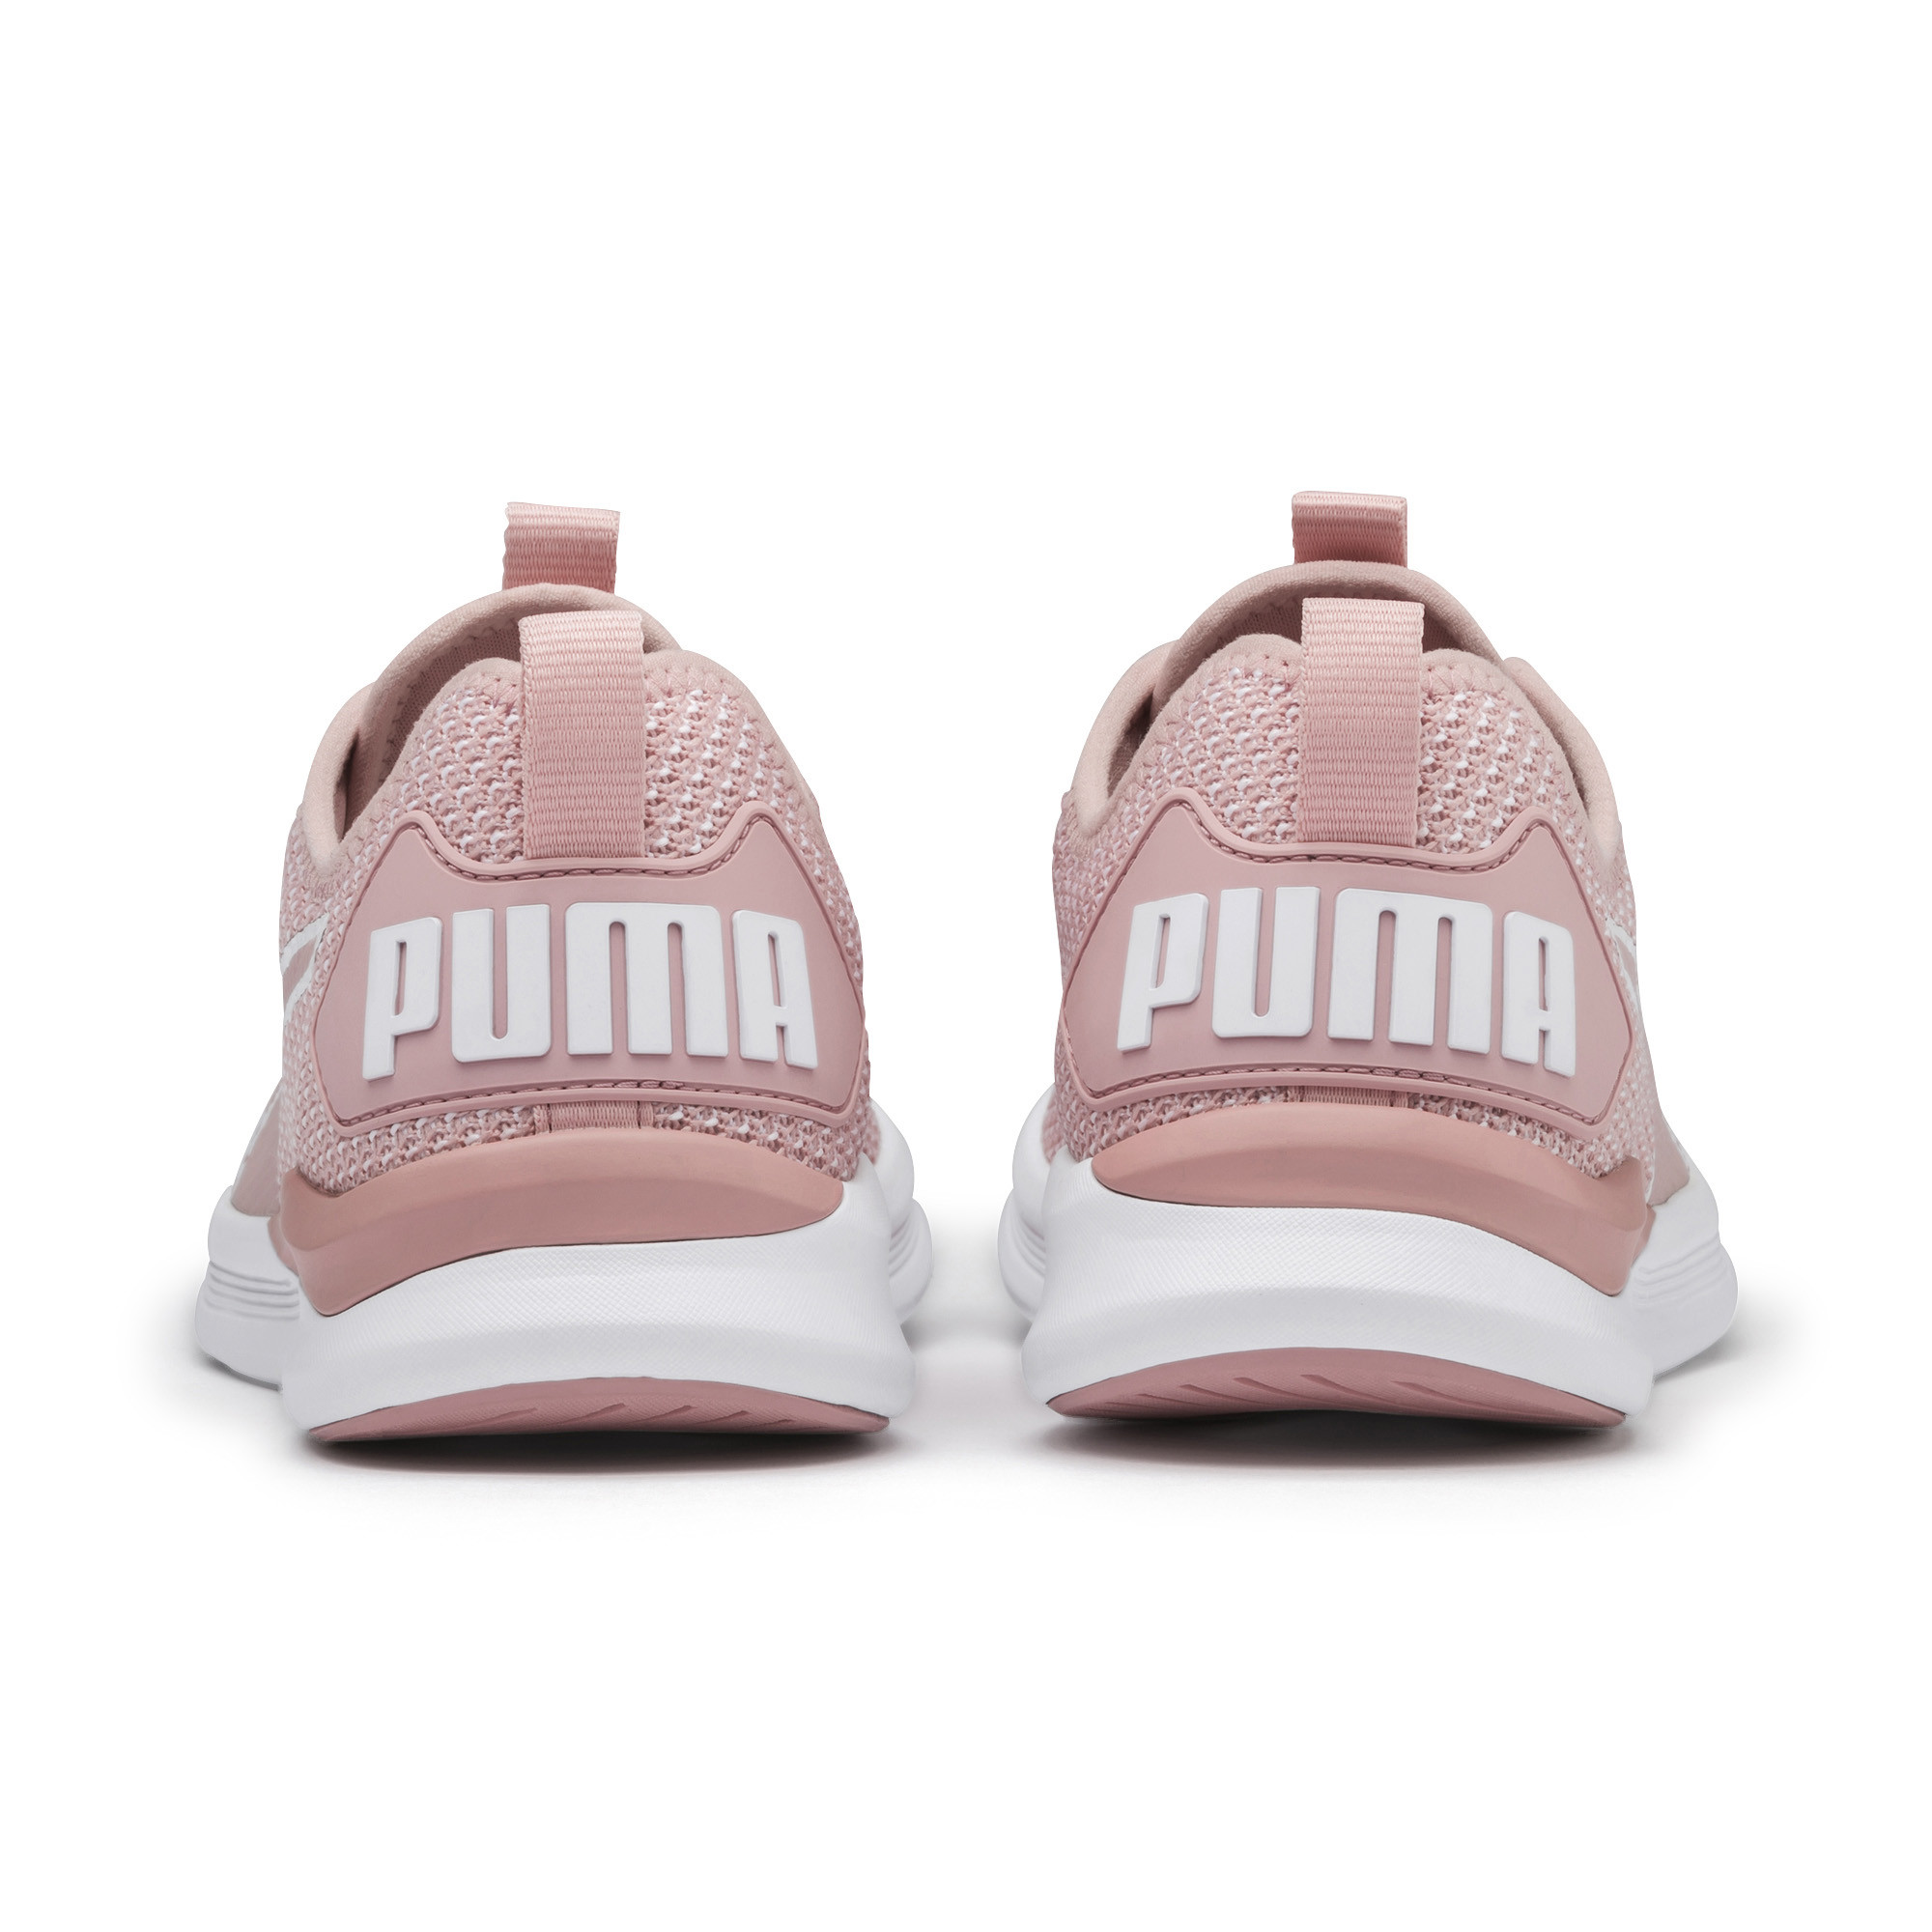 PUMA-IGNITE-Flash-Women-s-Training-Shoes-Women-Shoe-Running thumbnail 3